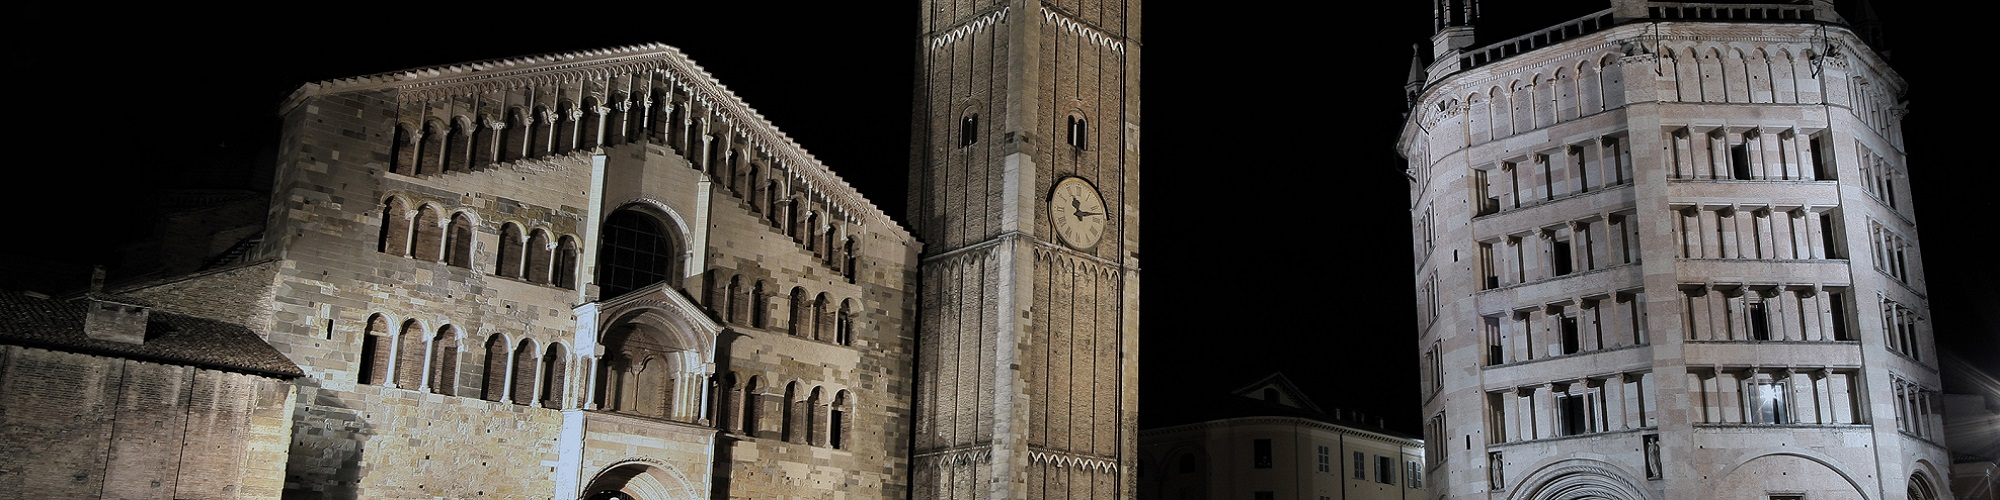 Colori In Luce Correggio visite guidate a parma, terra di marmi, legni pregiati e